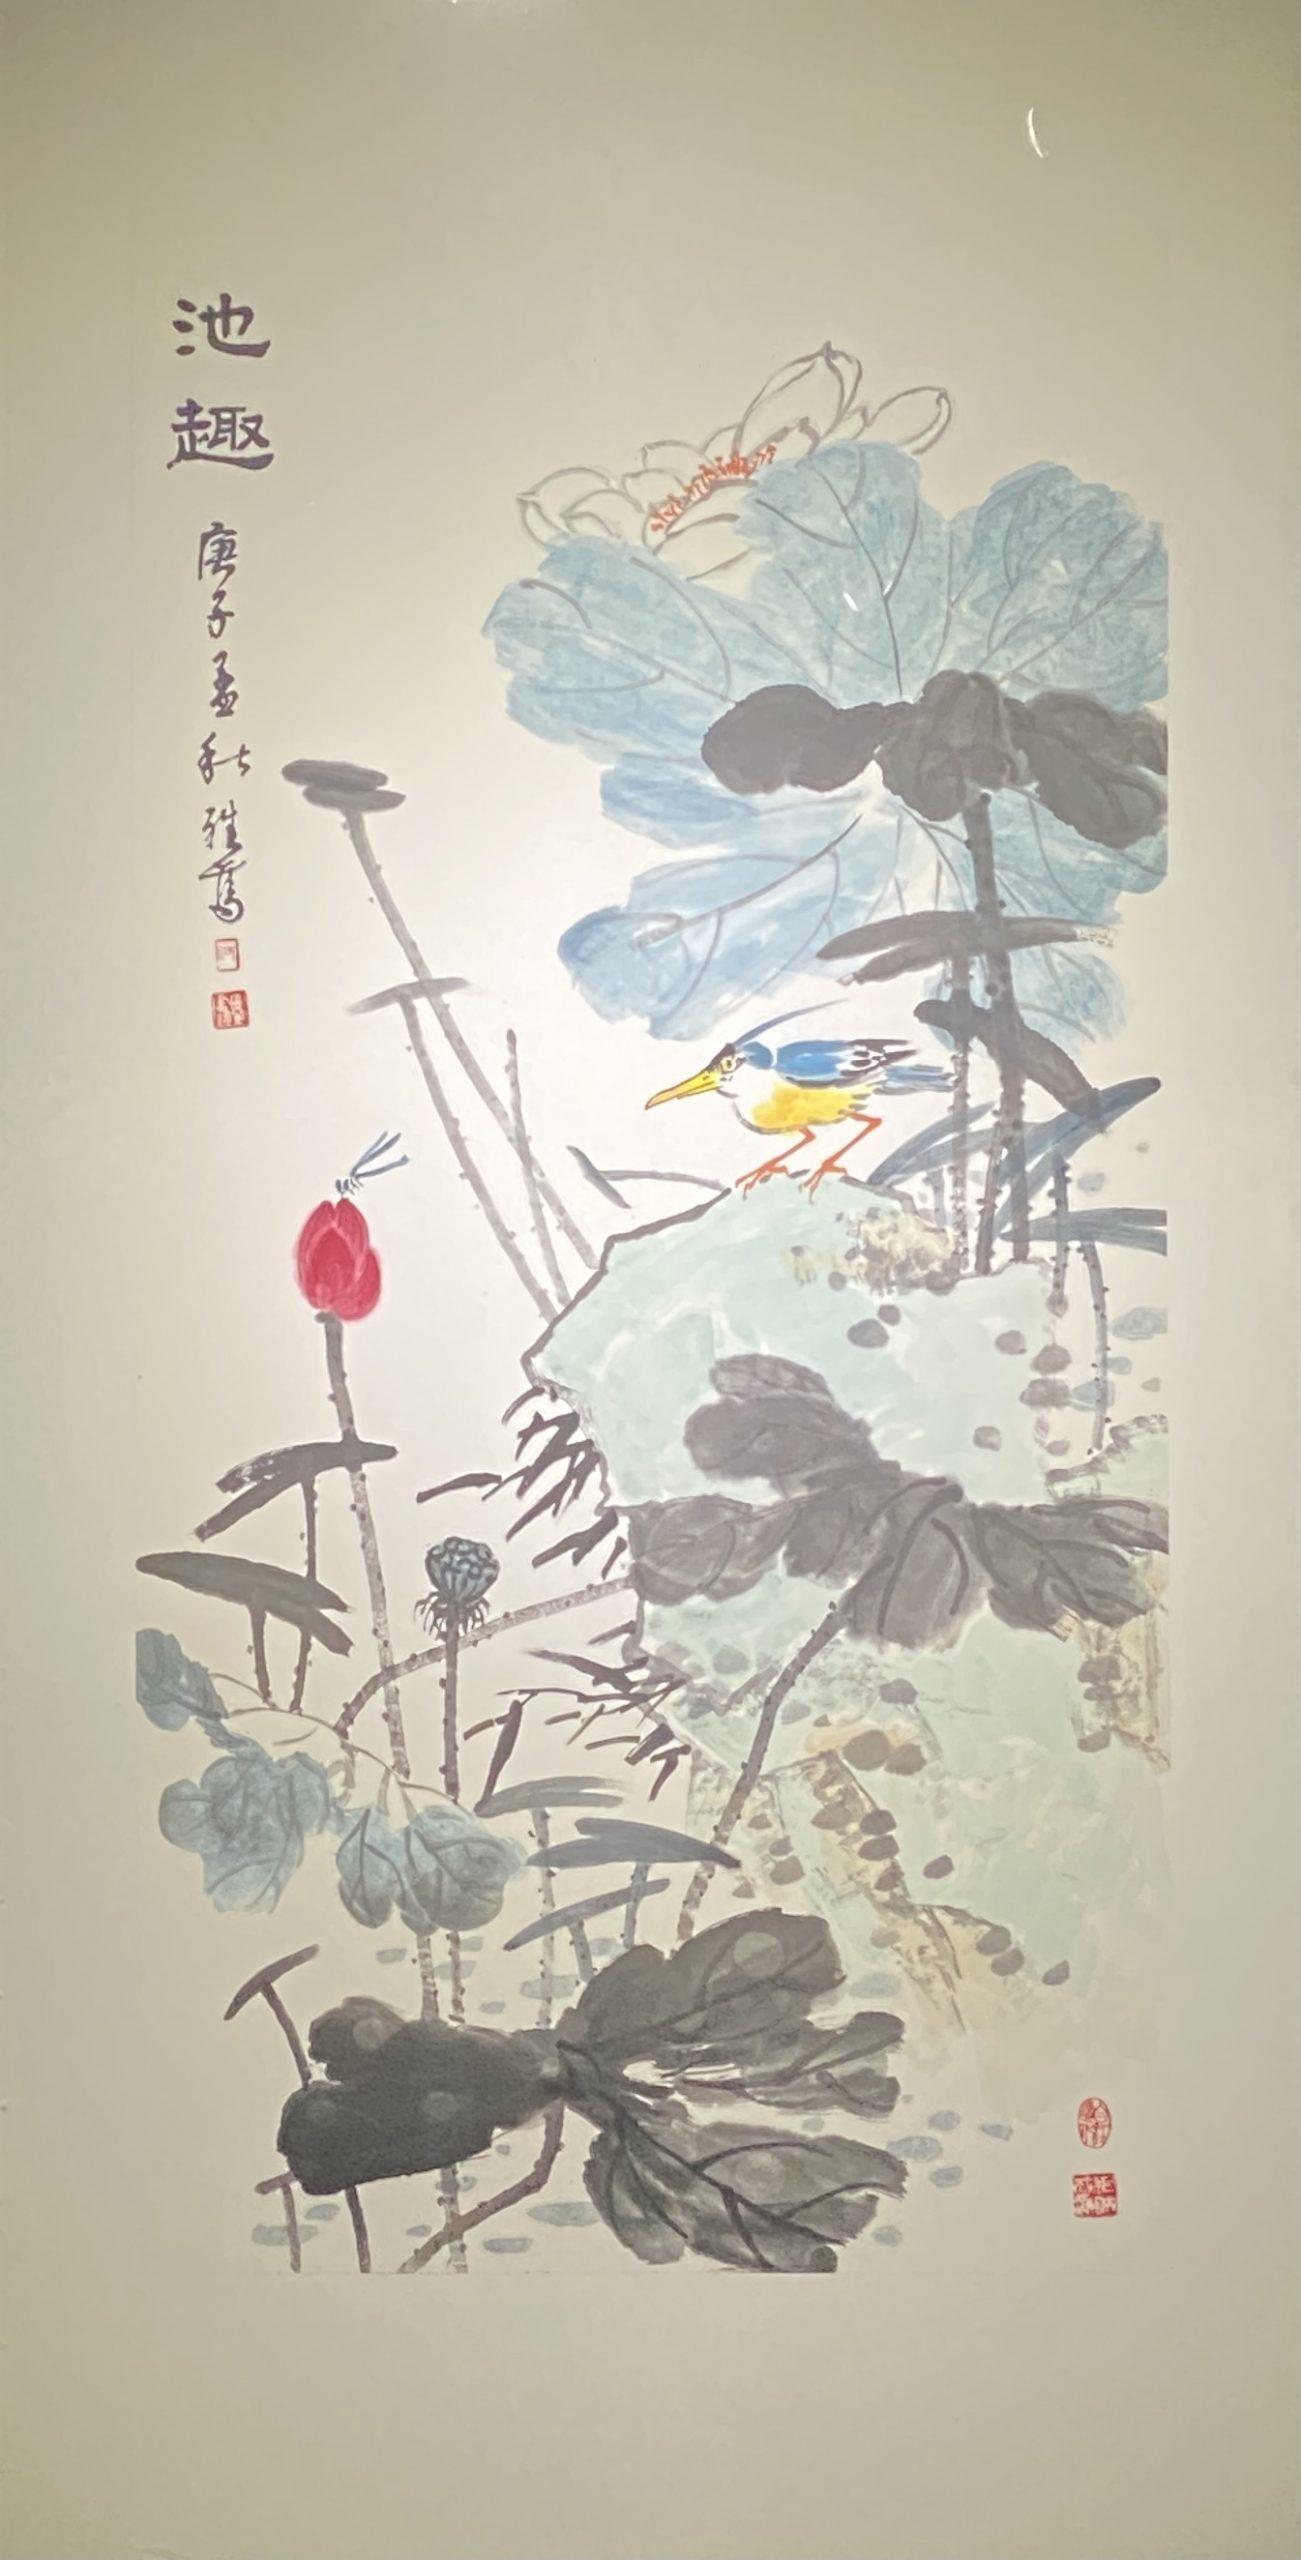 池趣-2020-中国画-138×70cm-「丹青を振りかけ、詩情を送る-何継篤個人書画展」成都市美術館